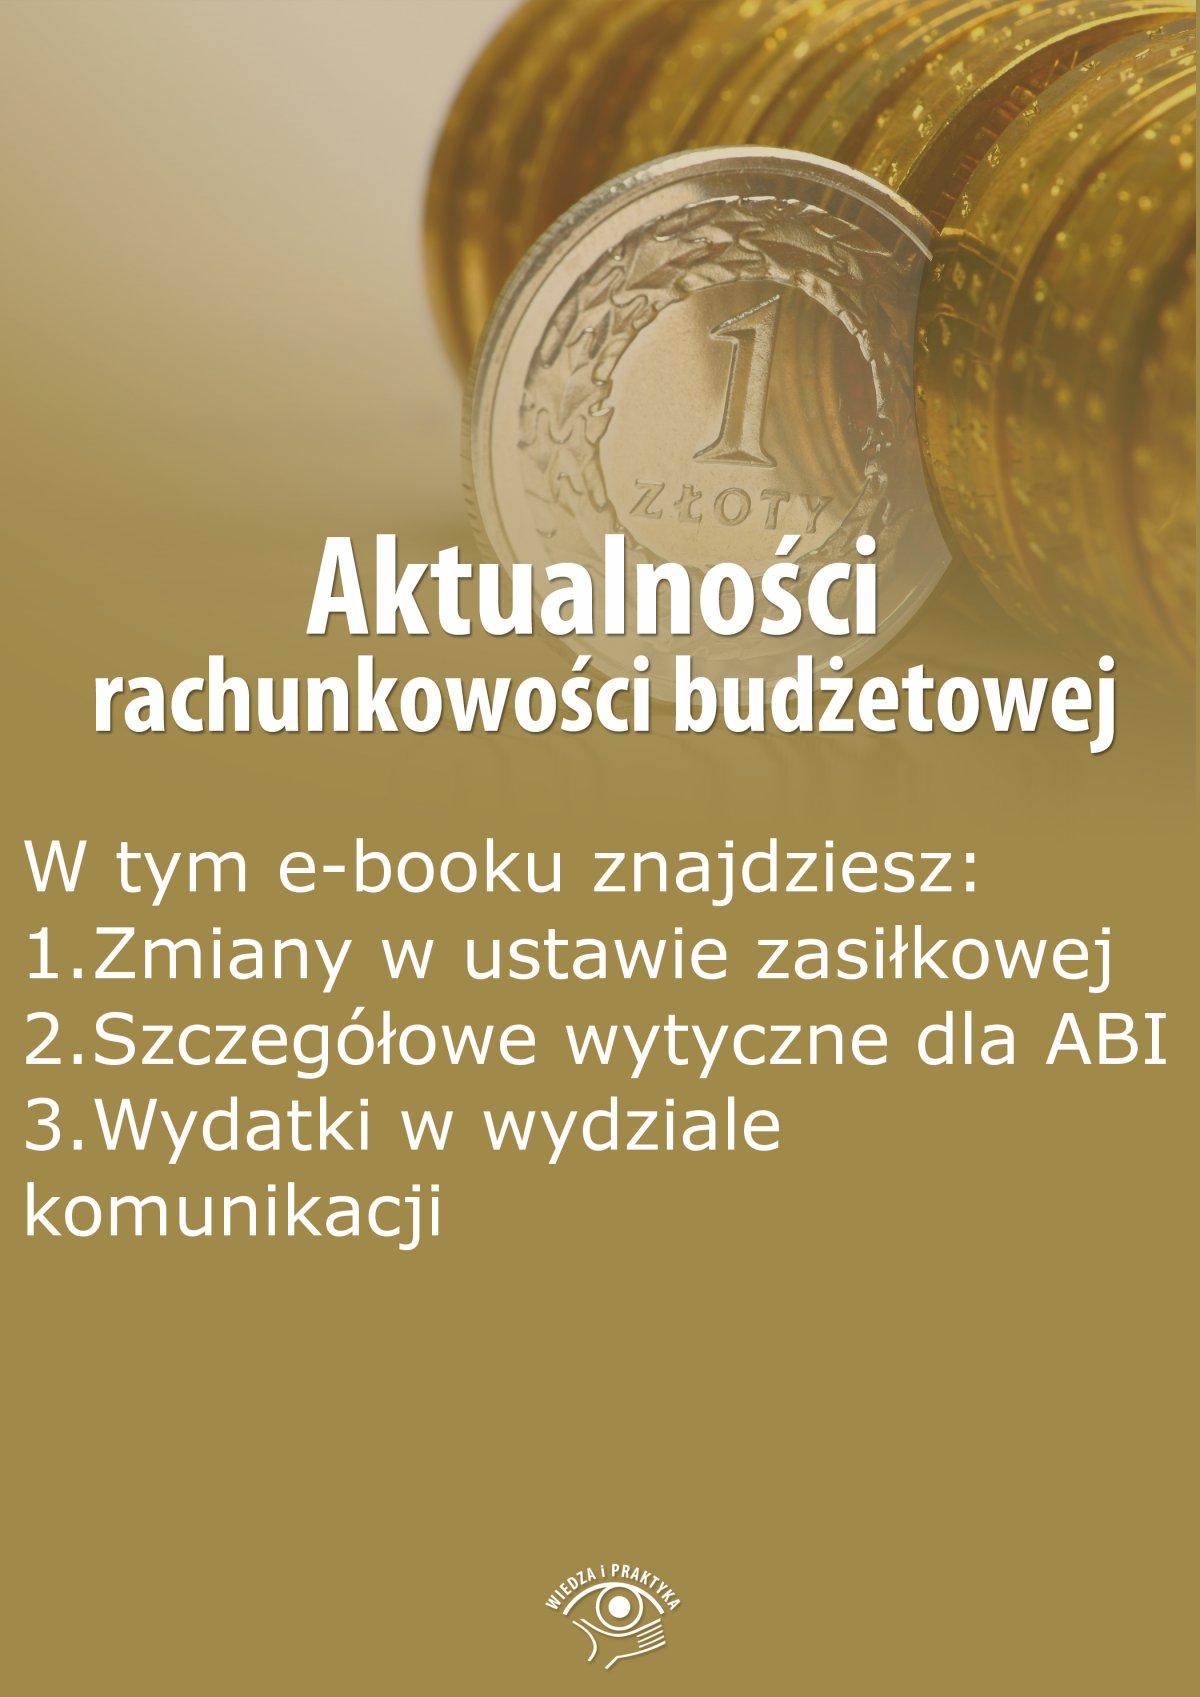 Aktualności rachunkowości budżetowej, wydanie lipiec-sierpień 2015 r. - Ebook (Książka EPUB) do pobrania w formacie EPUB